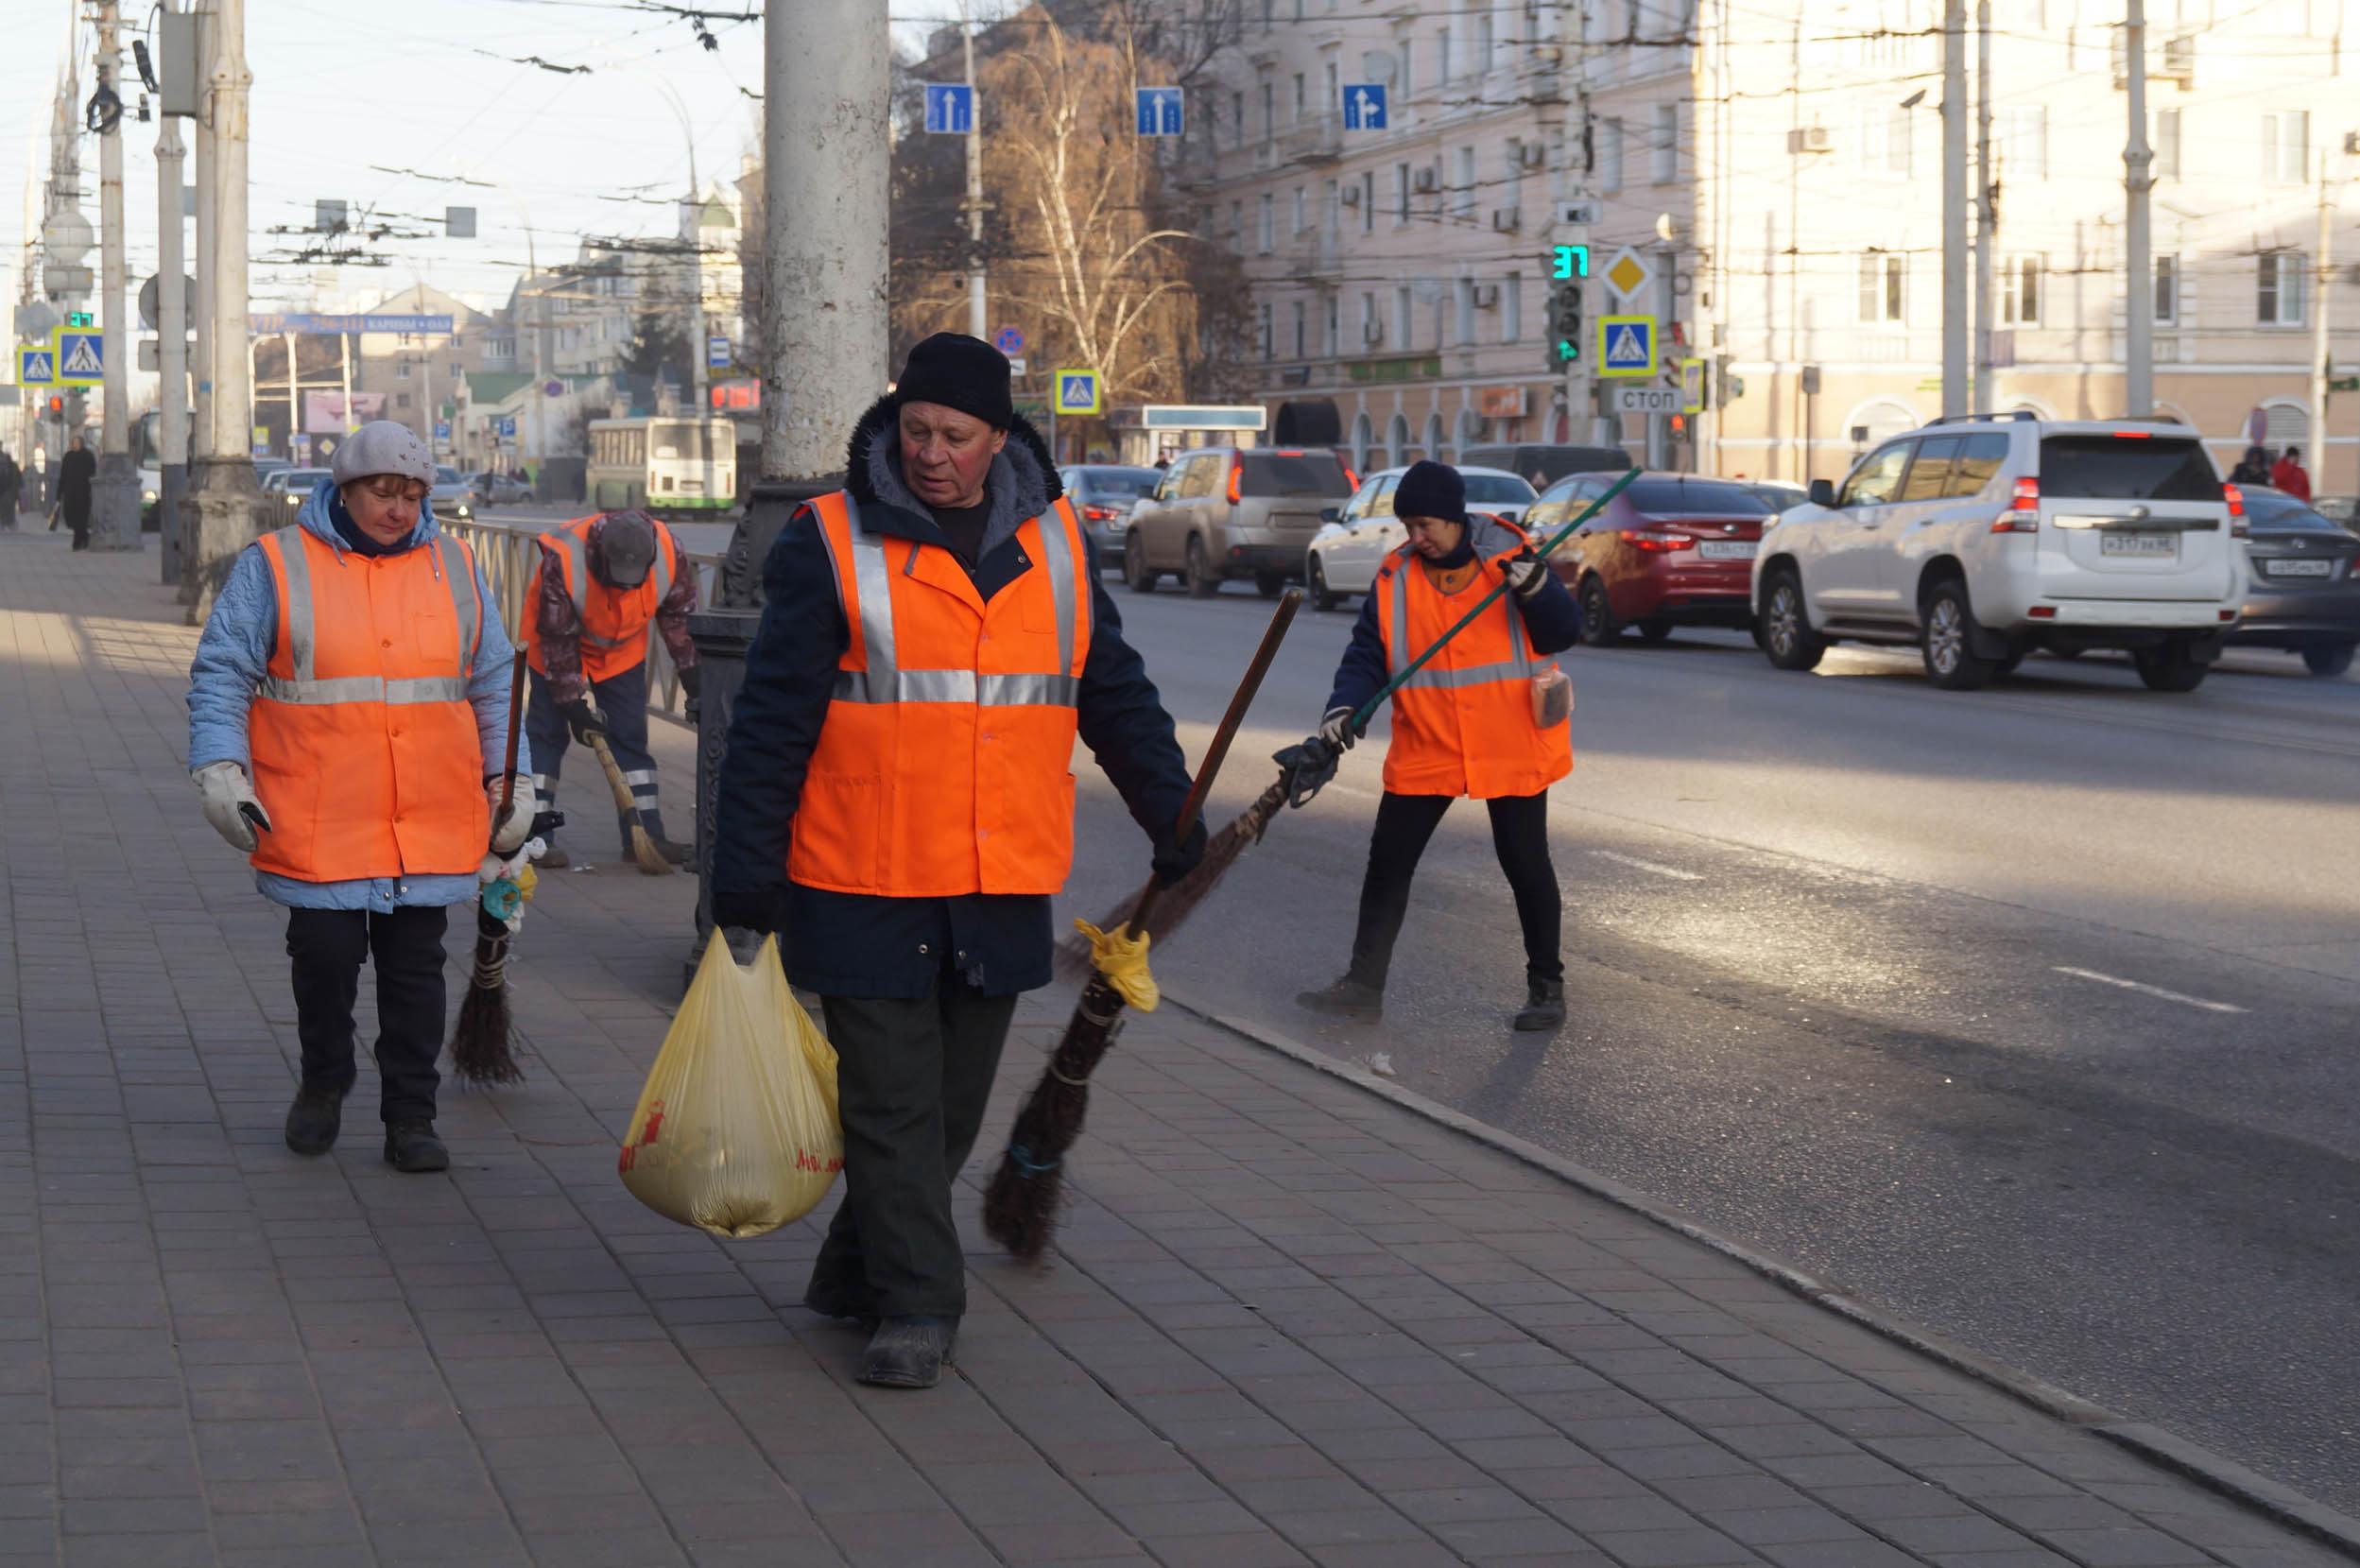 Последние приготовления перед открытием площади Льва Толстого после реконструкции почти за 50 млн рублей: фото